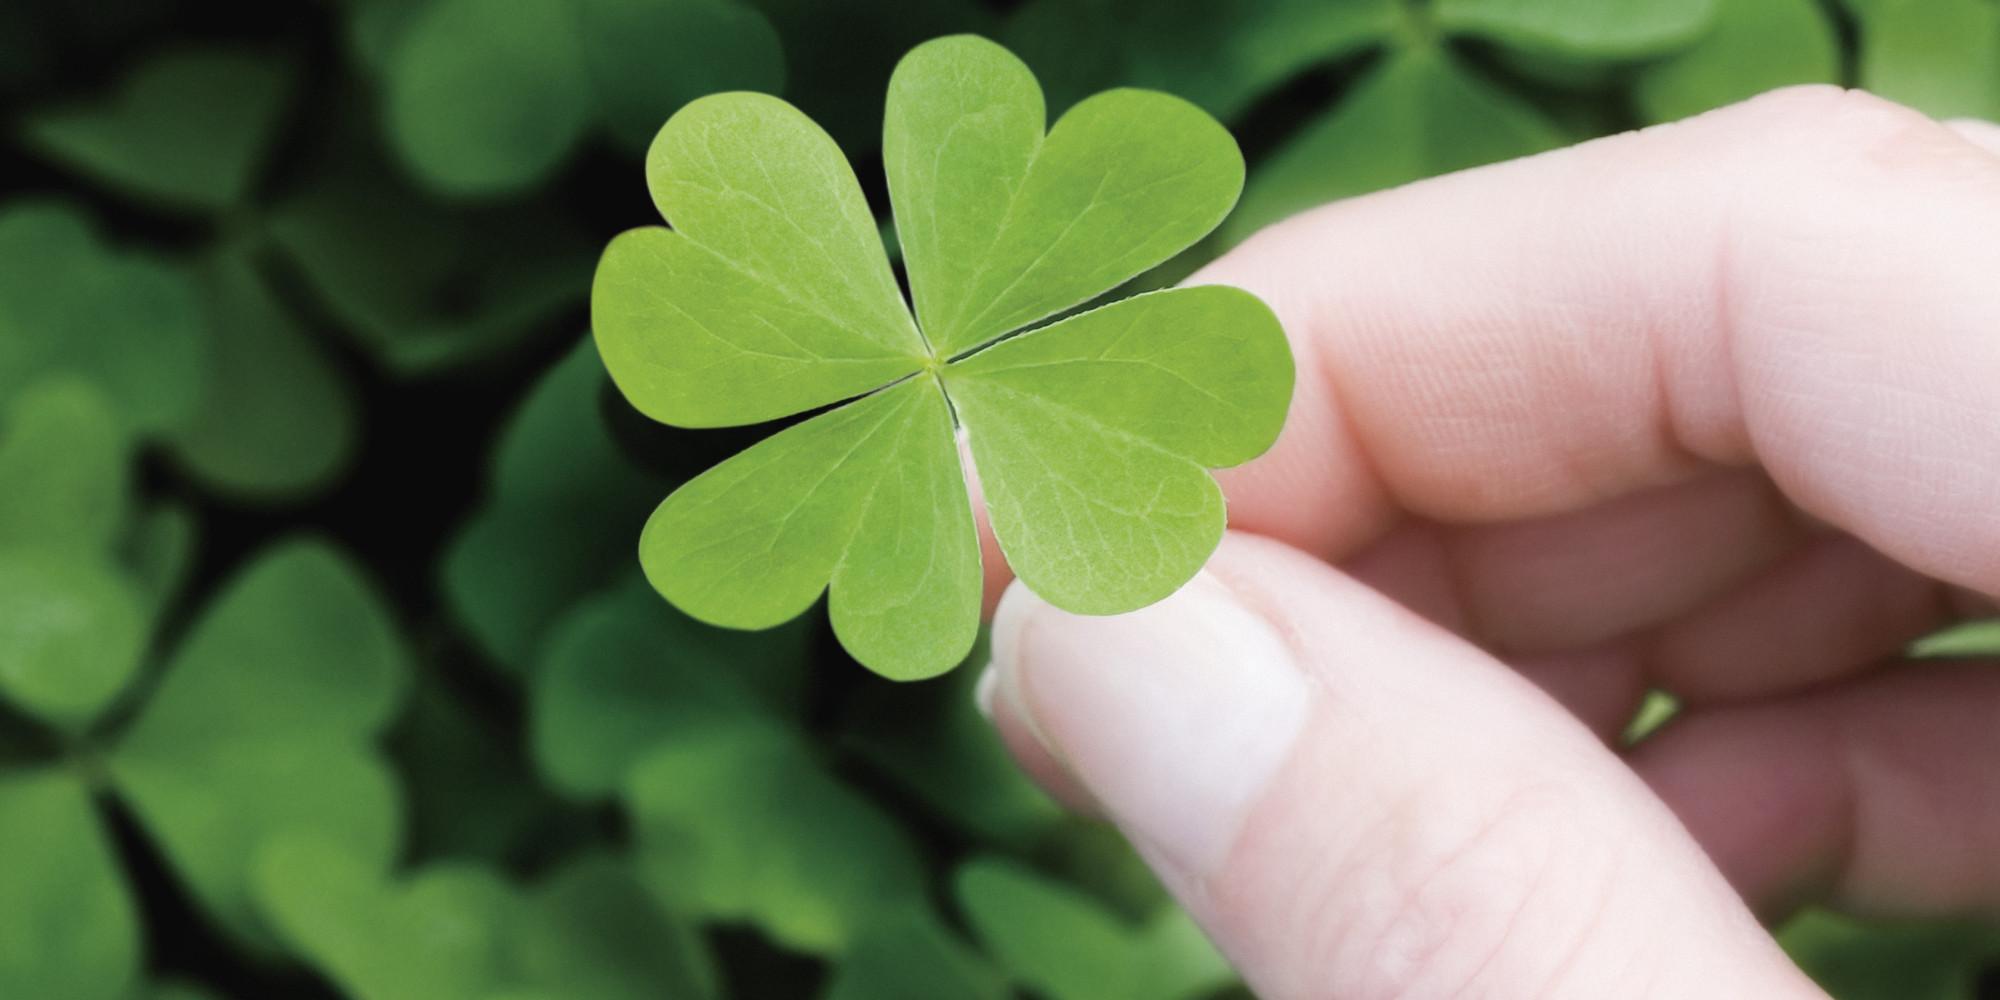 Lucky Day Meest Getrokken Getallen